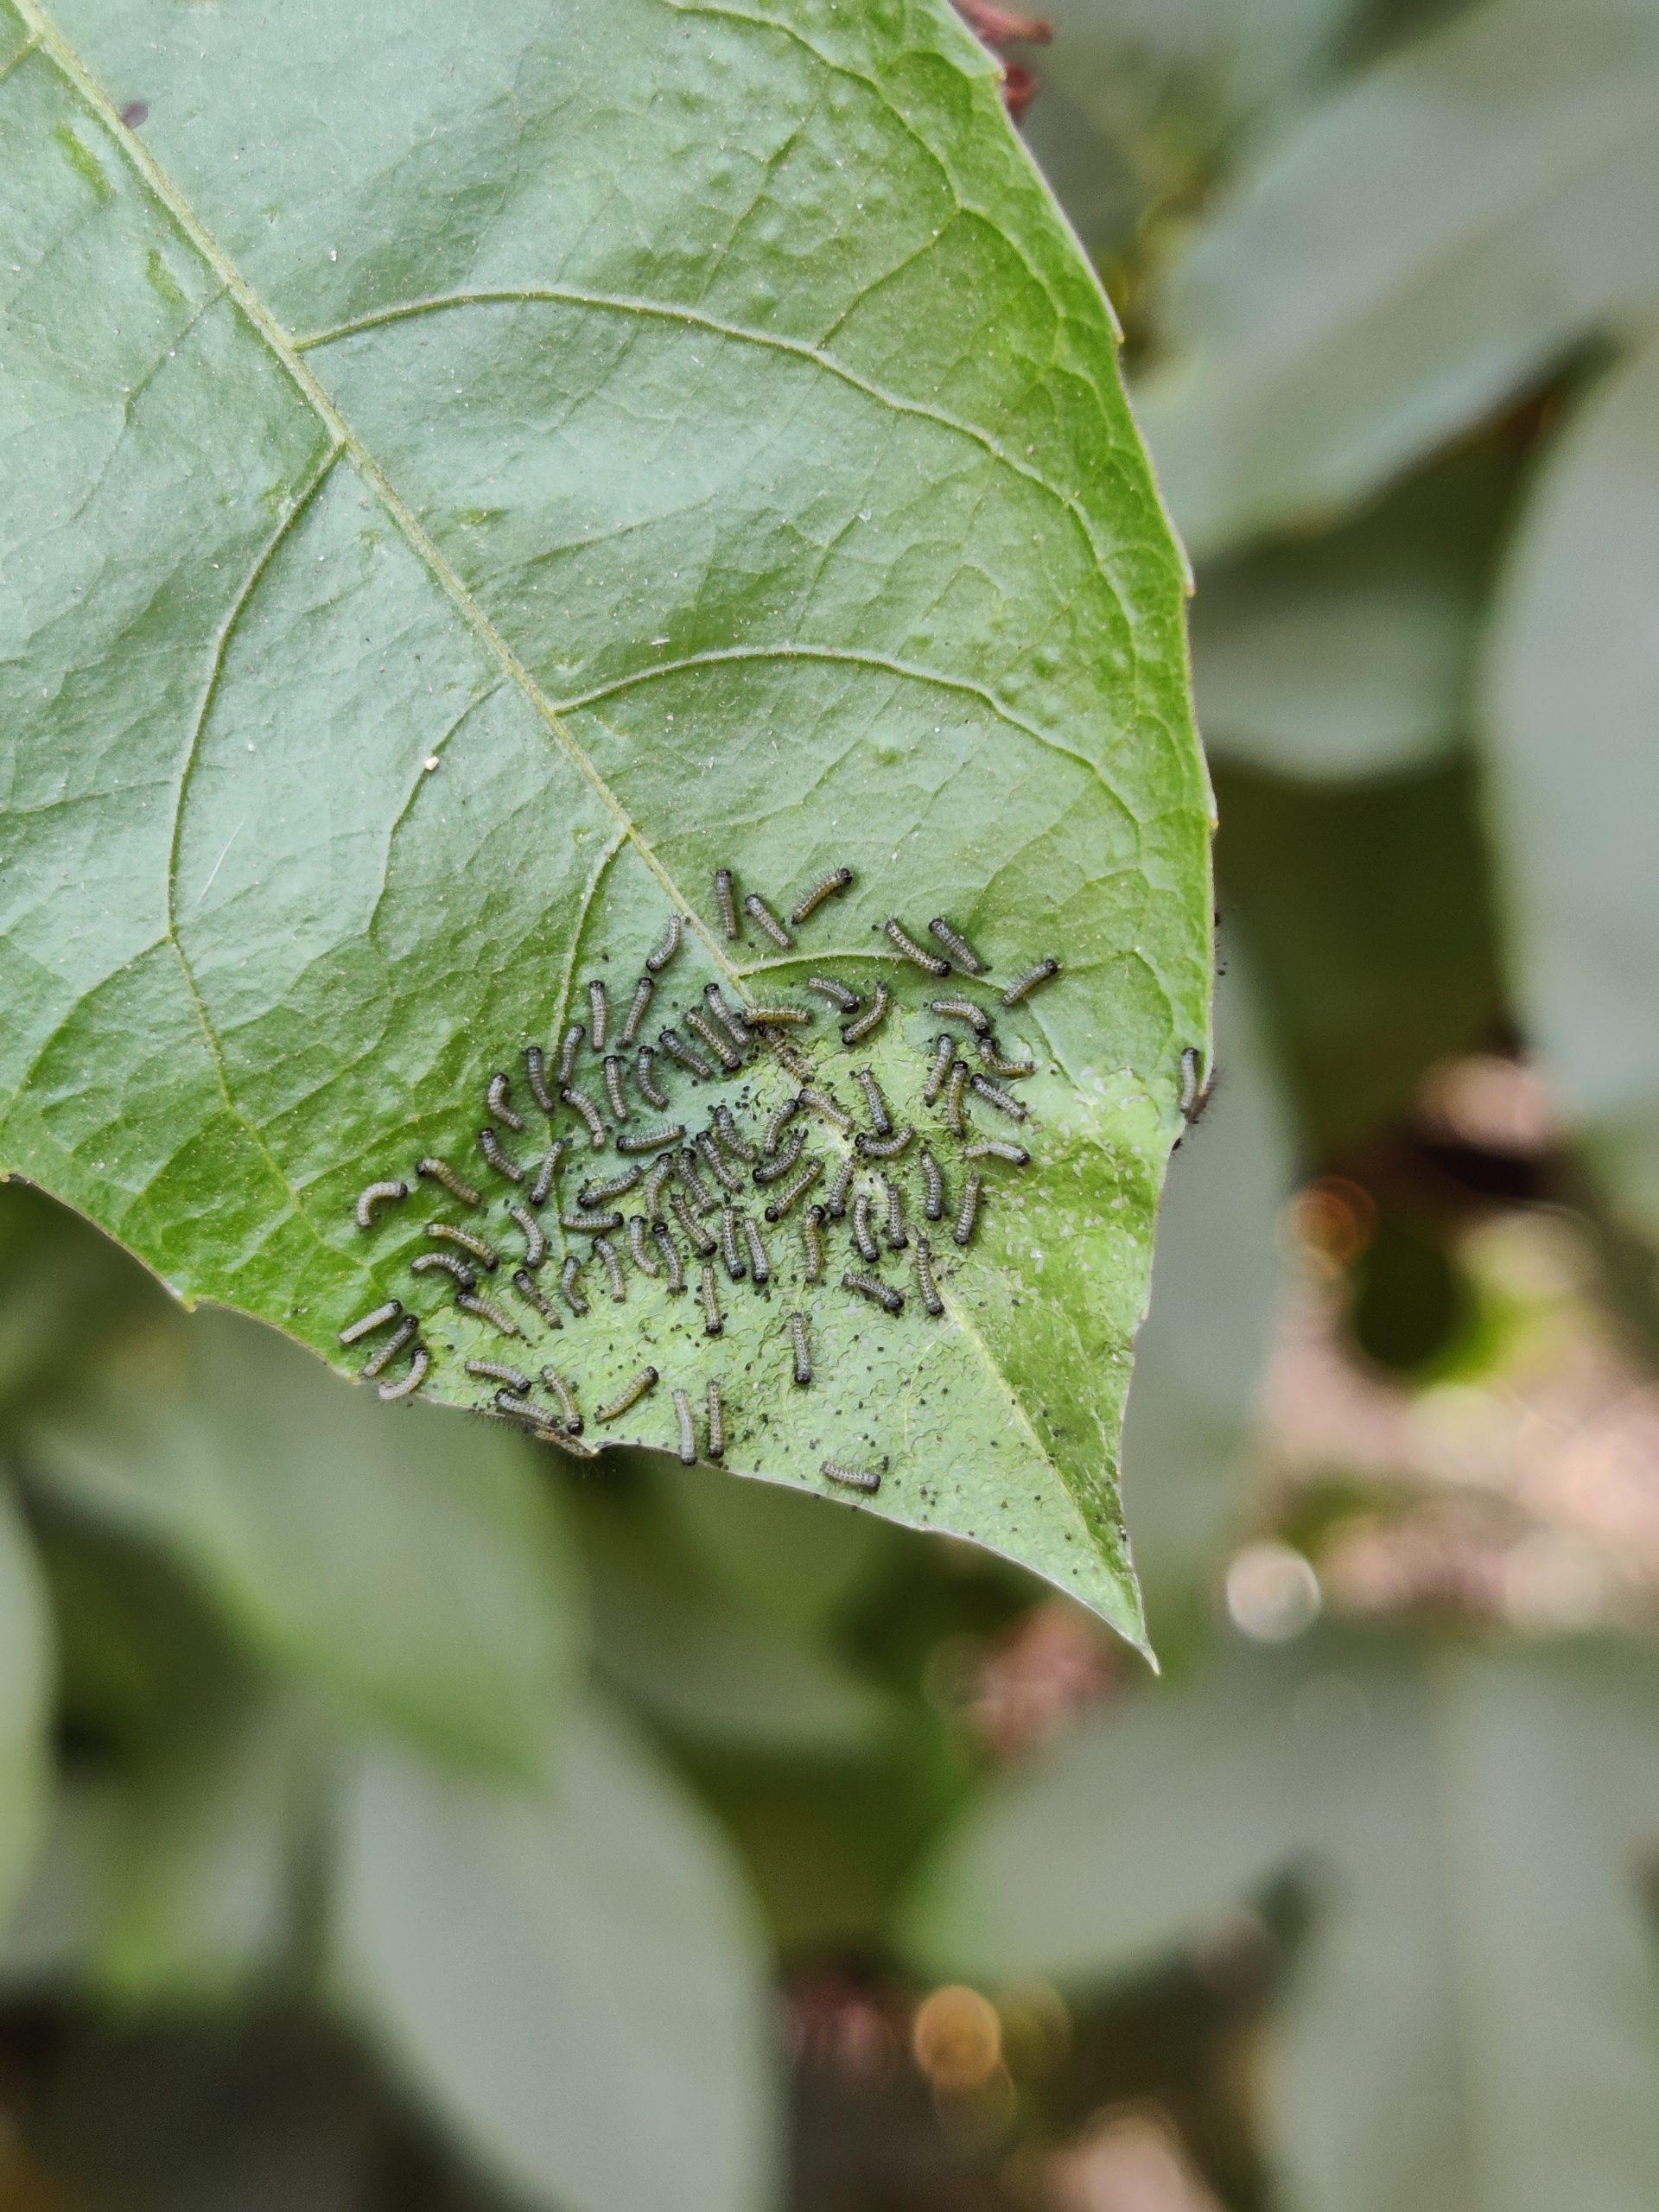 Pests on plant leaf